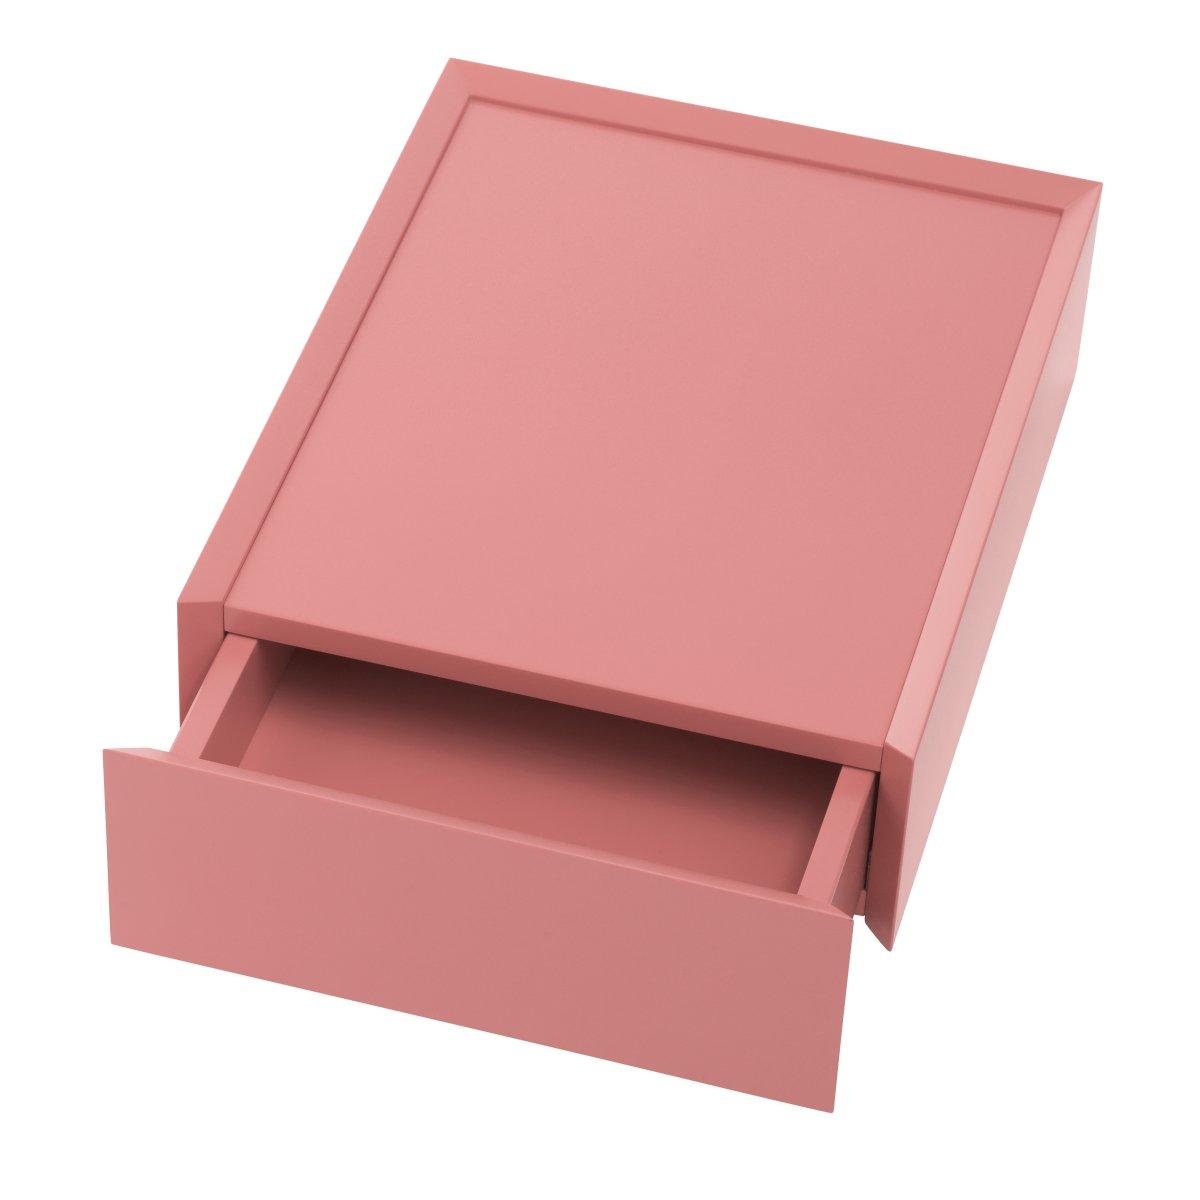 SOUVENIR Schubkastenbox klein flamingo pink (38), geöffnet